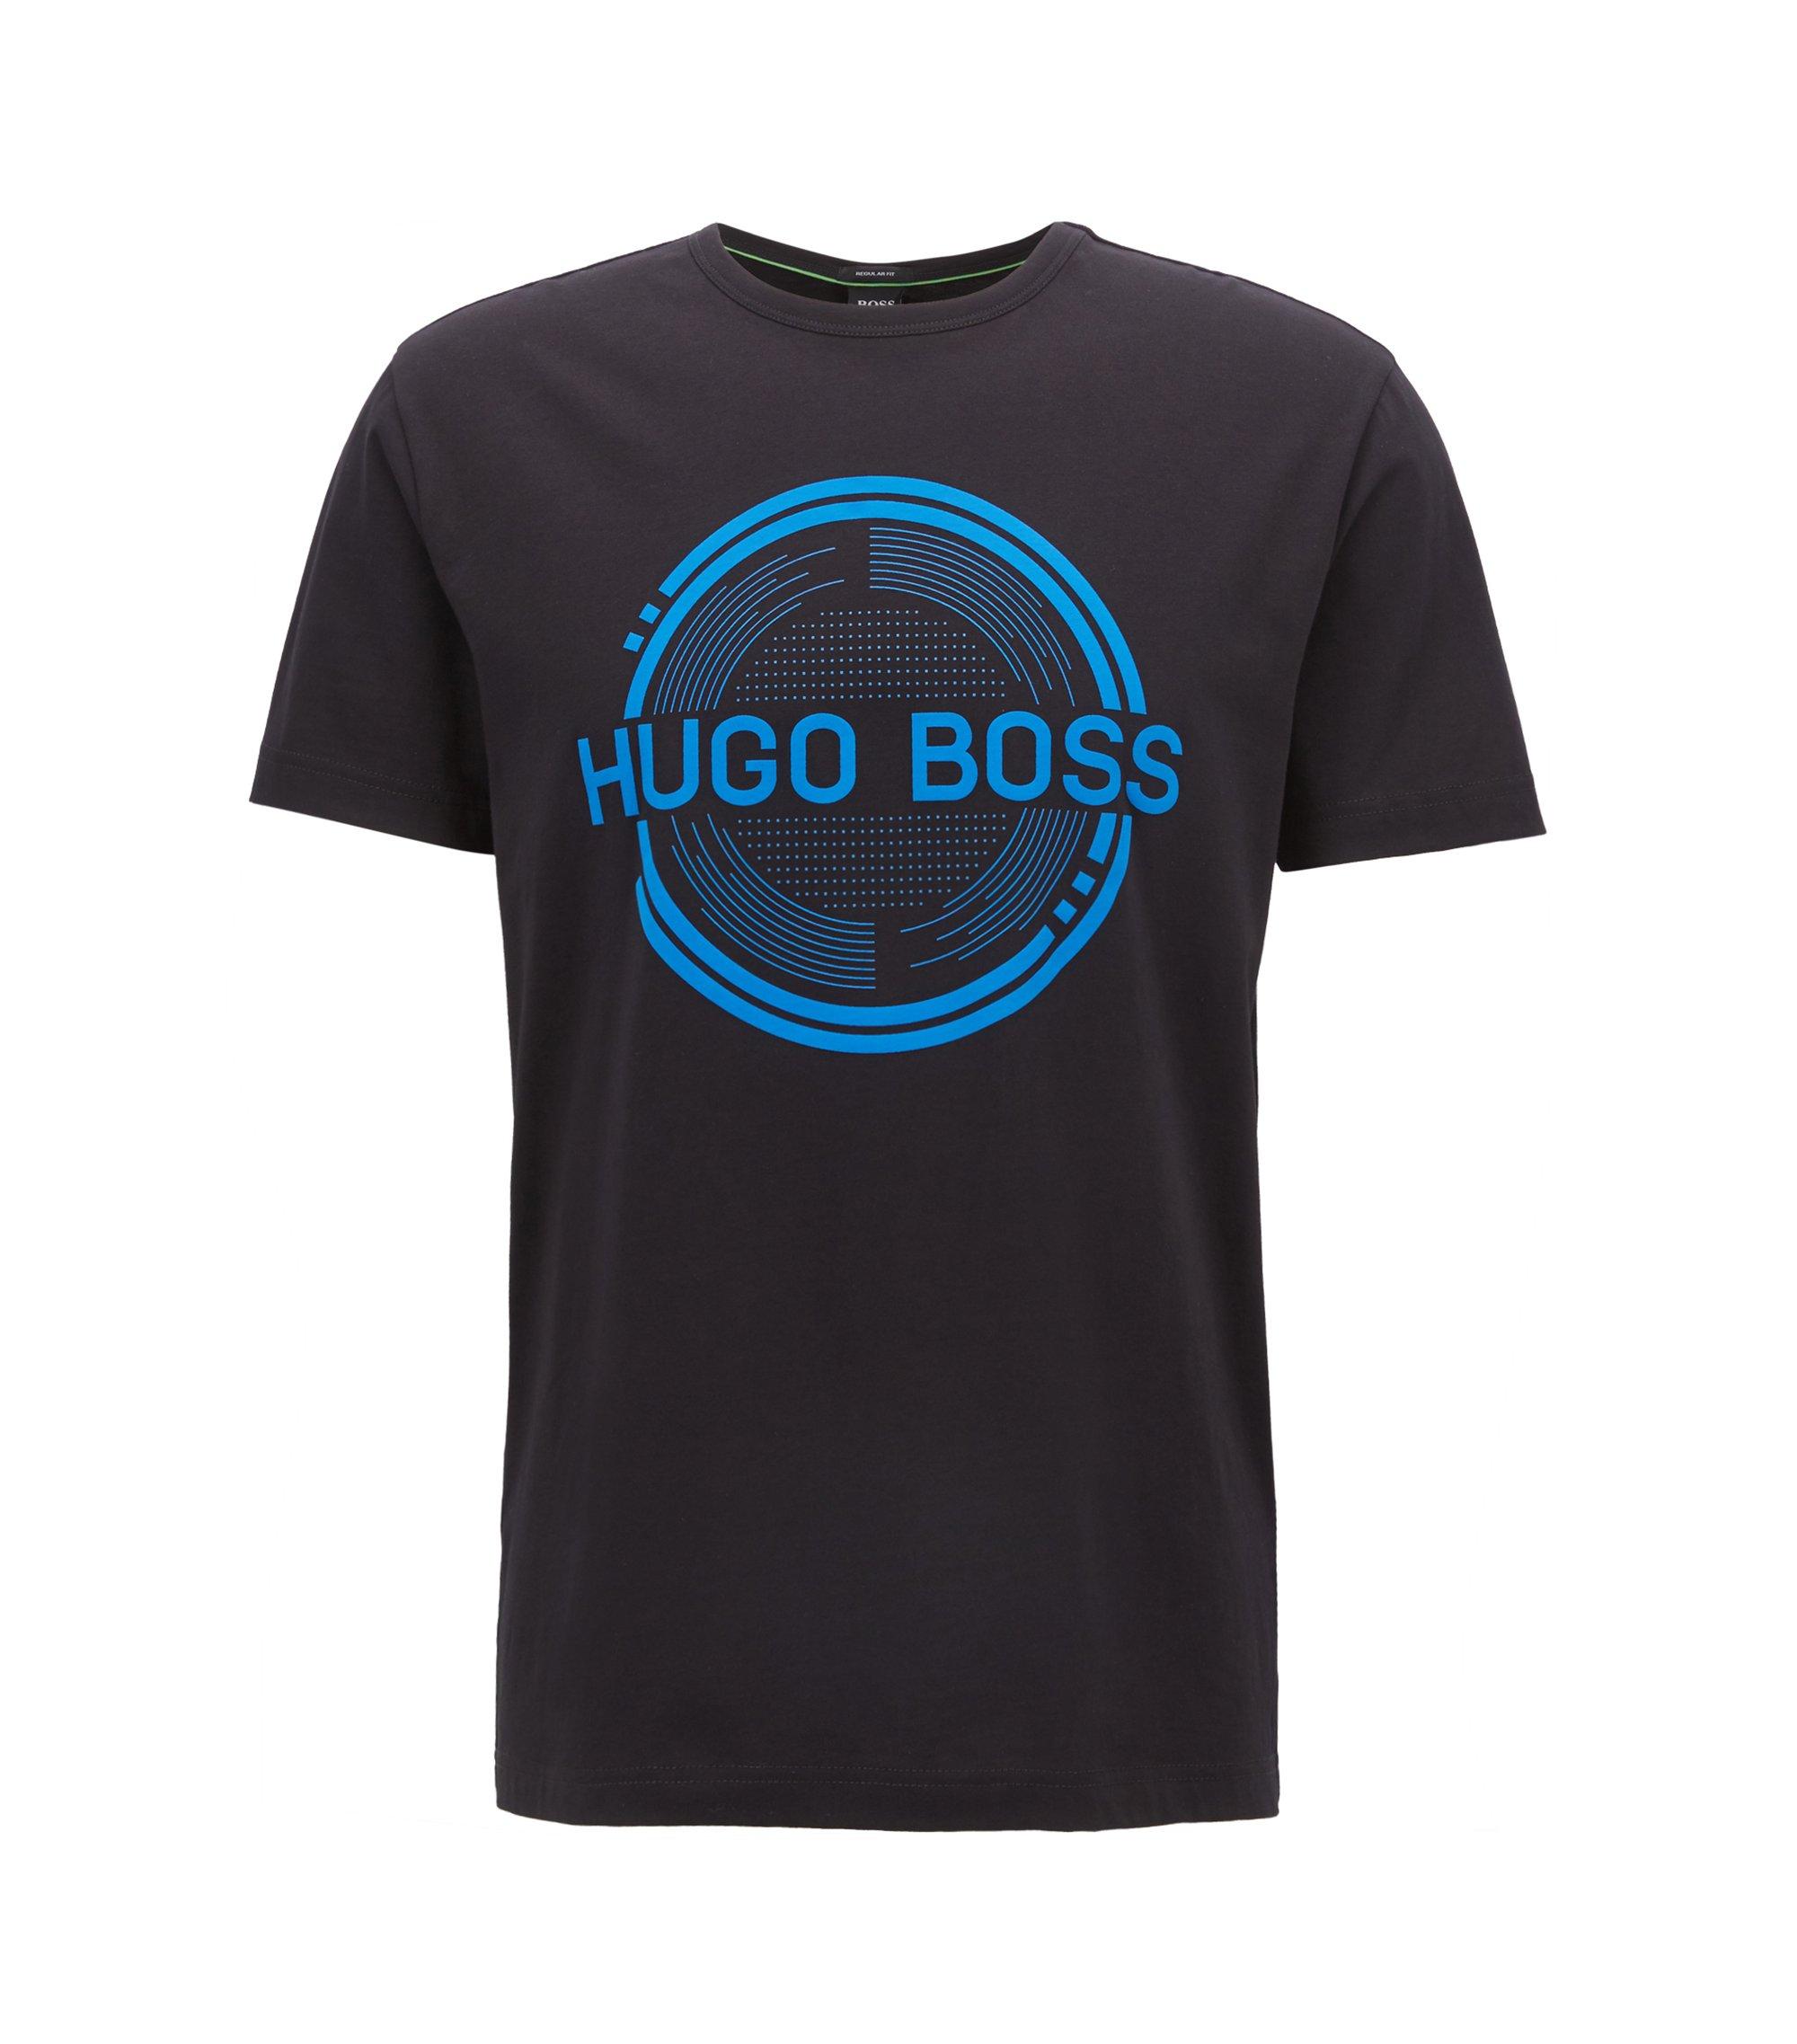 Camiseta estampada de manga corta, confeccionada en tejido de punto sencillo de algodón, Negro